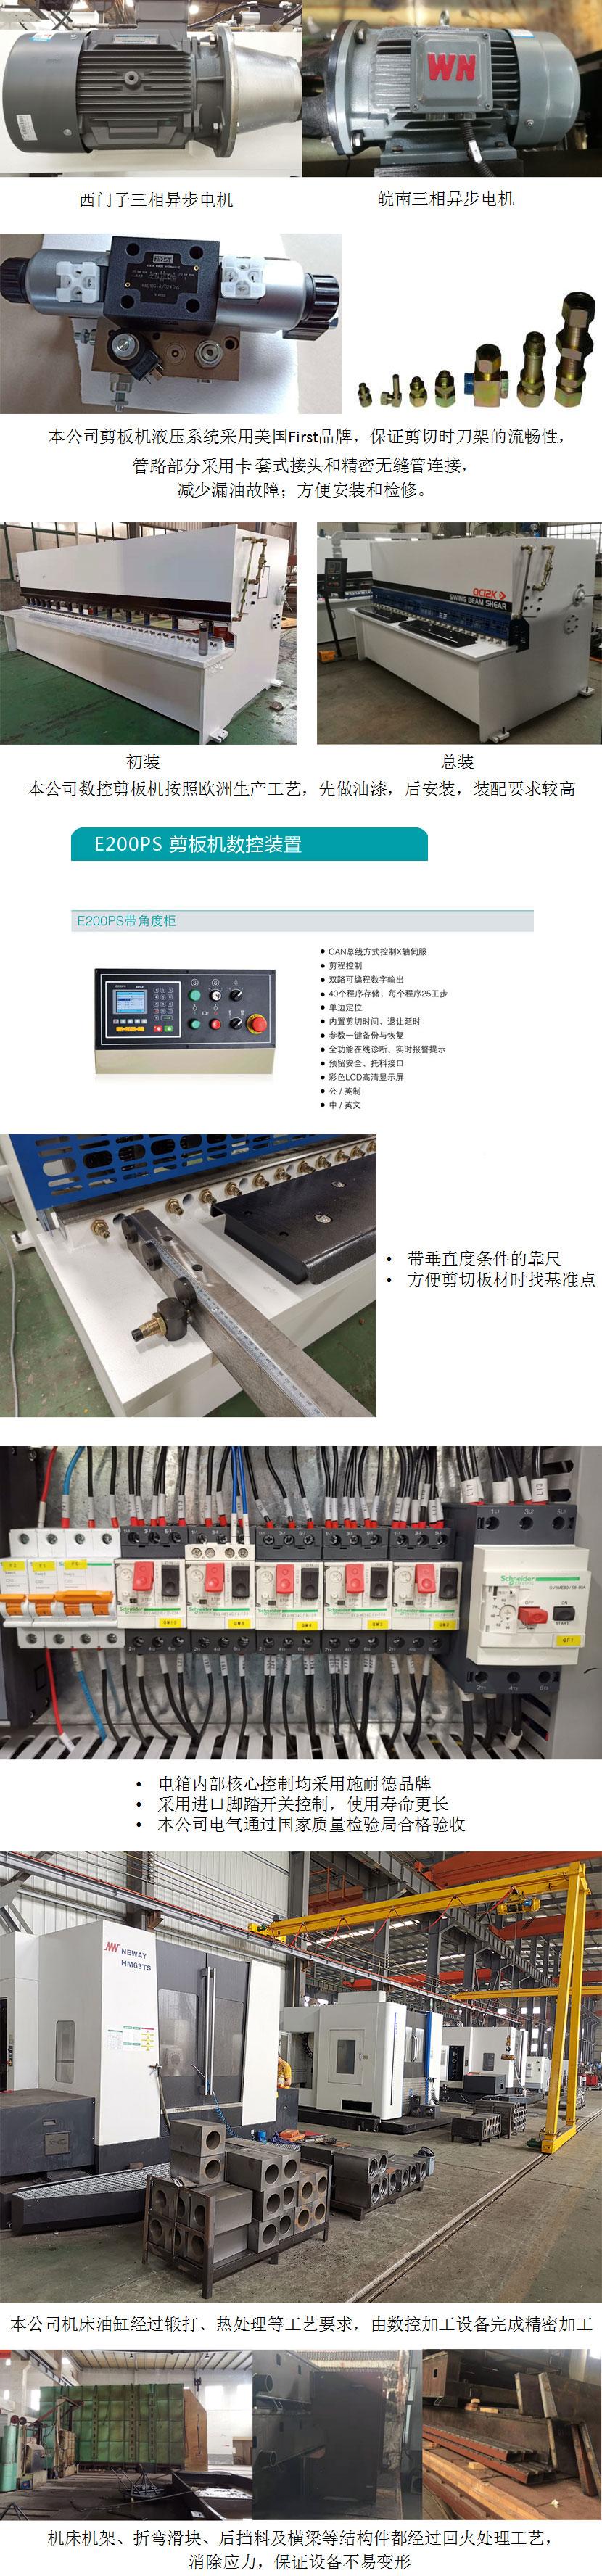 数控液压闸式剪板机产品图文介绍